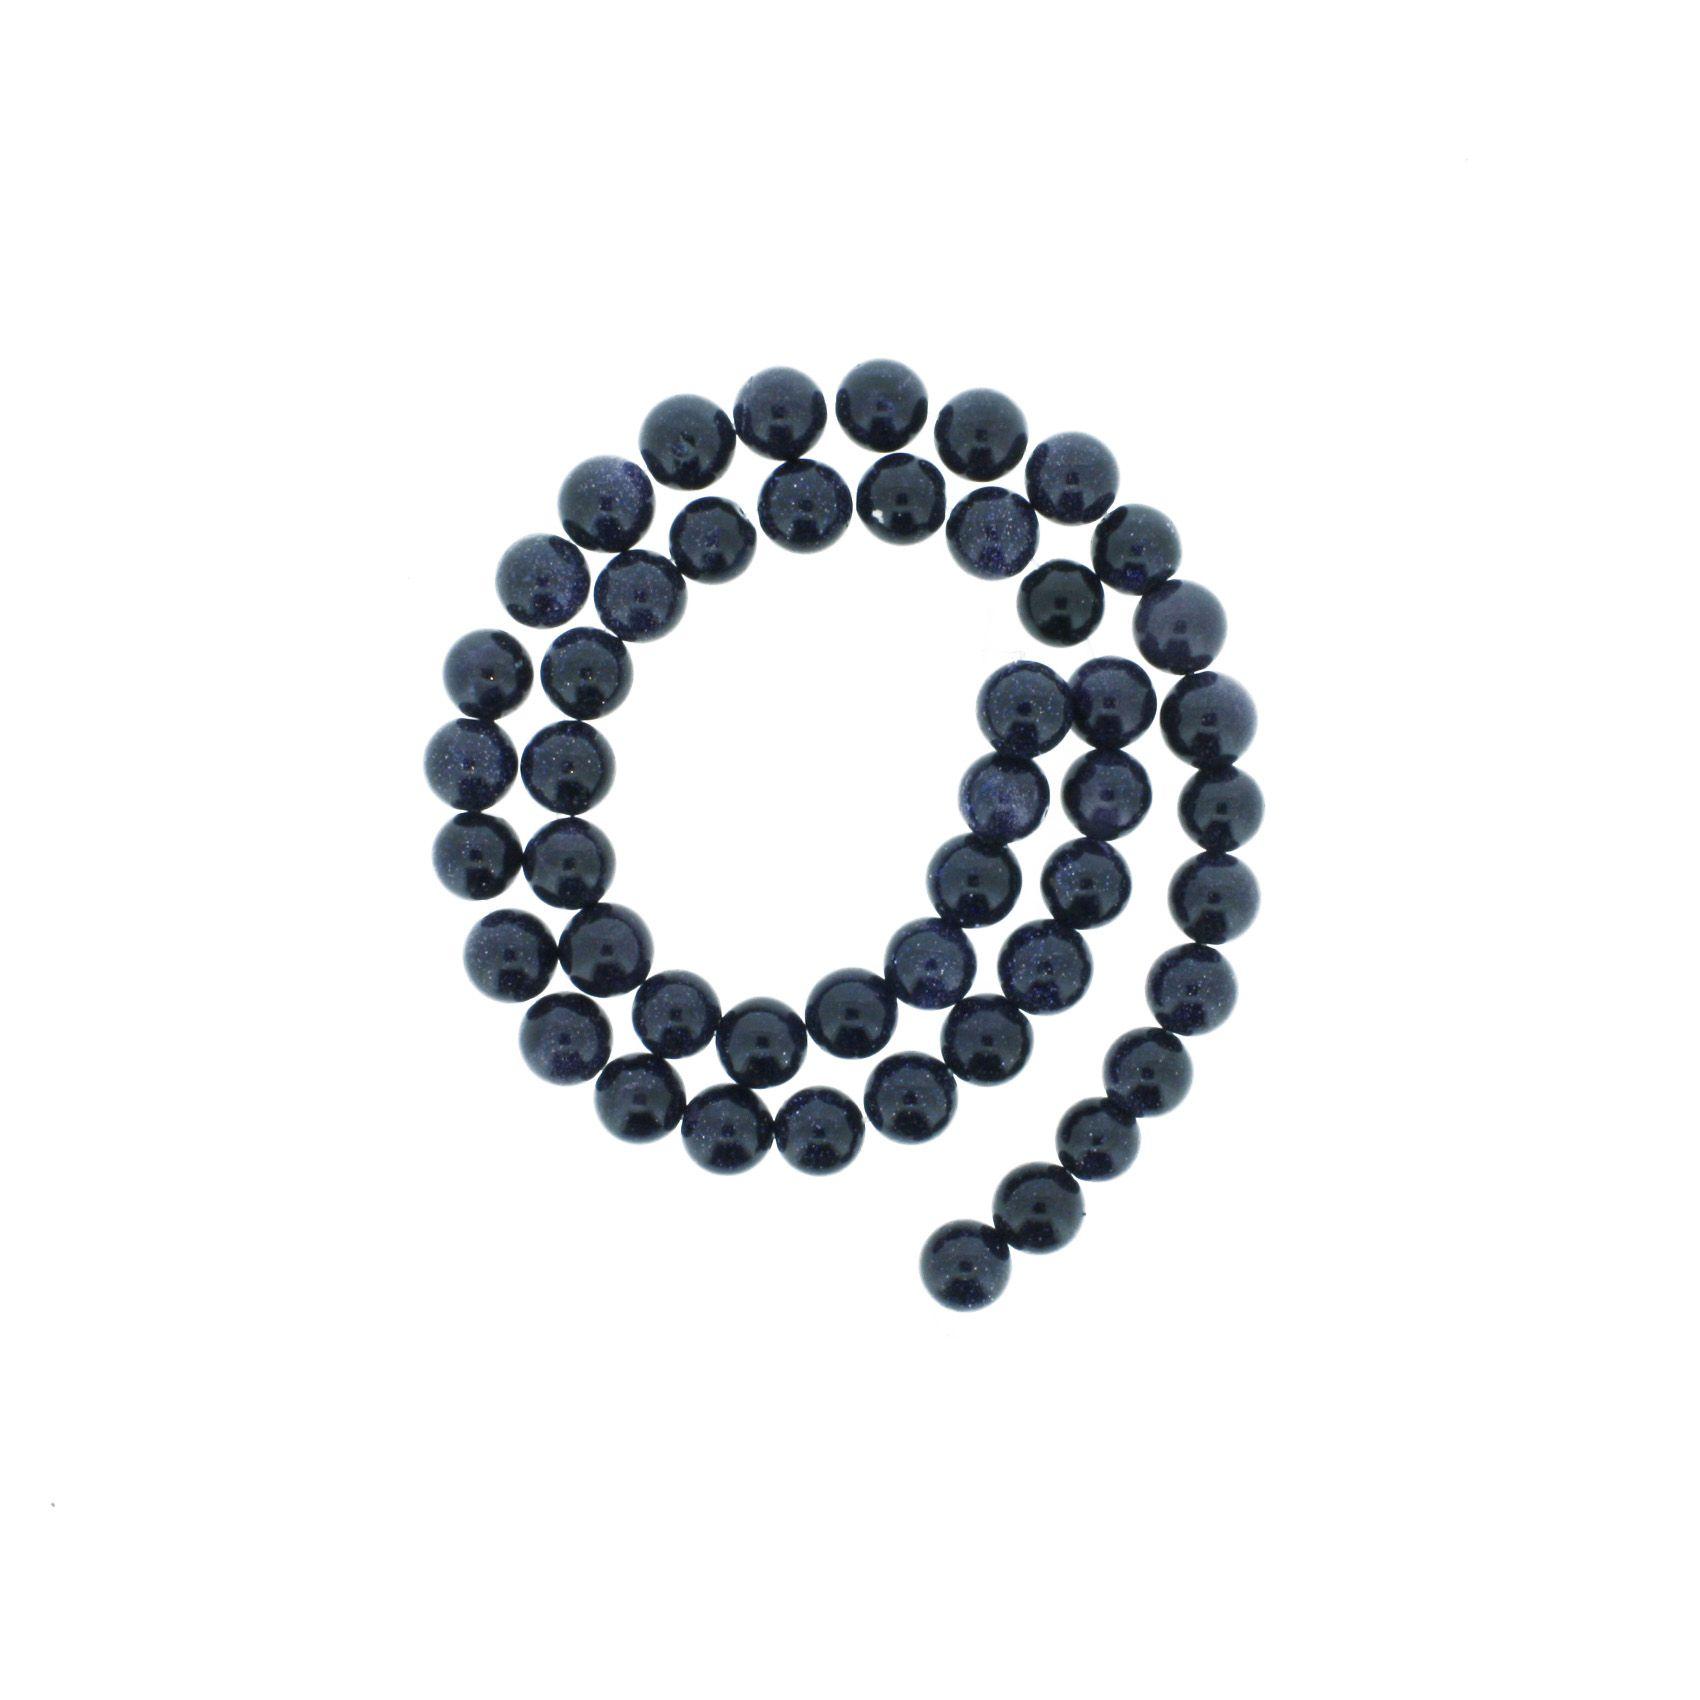 Fio de Pedra - Estrela - 8mm  - Stéphanie Bijoux® - Peças para Bijuterias e Artesanato